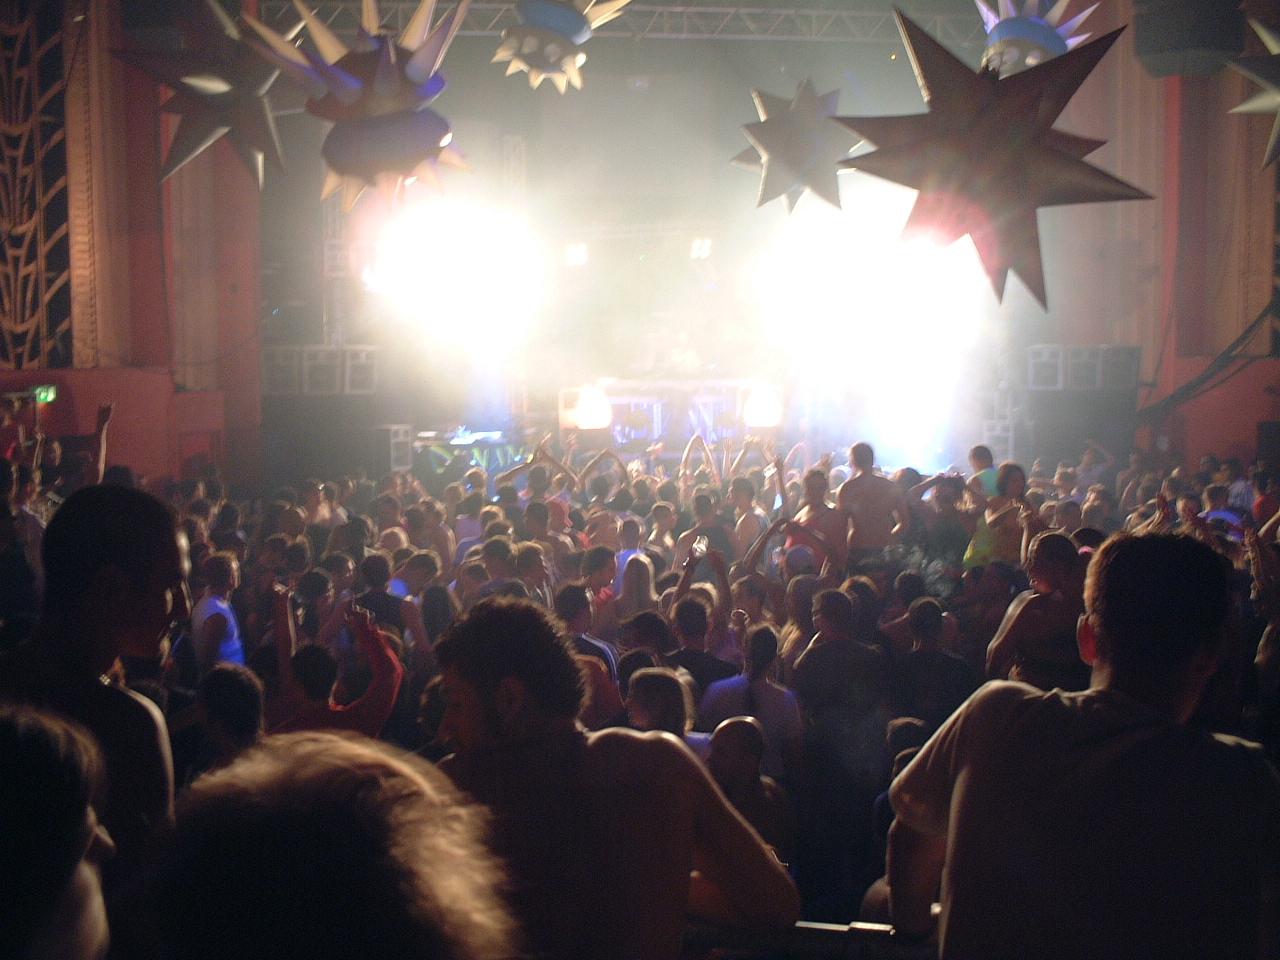 clubbing-in-london-1-1519219